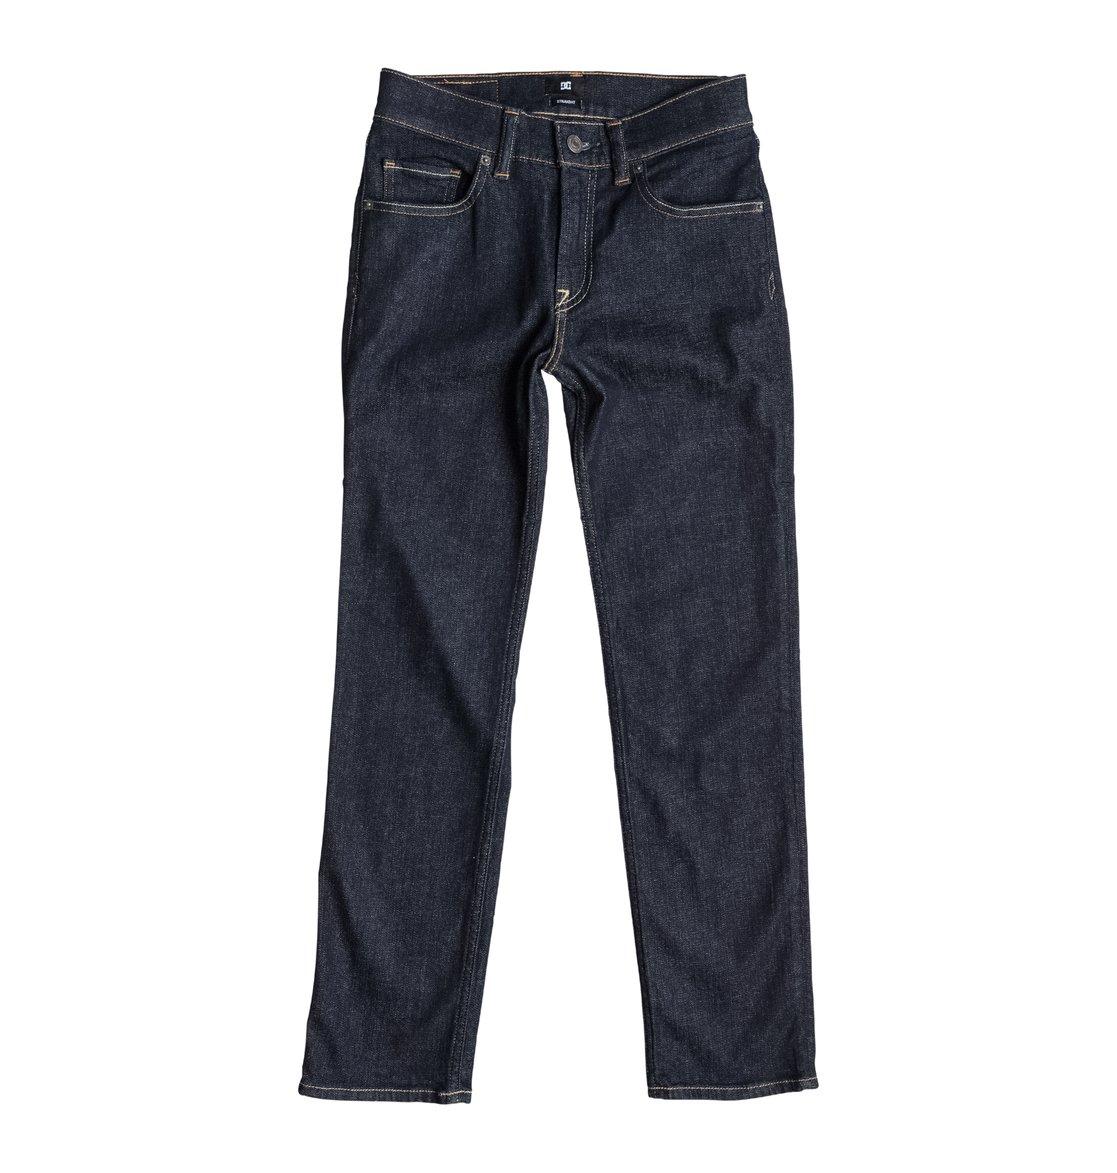 Купить Джинсы, брюки и шорты   Worker Straight Fit Indigo Rinse